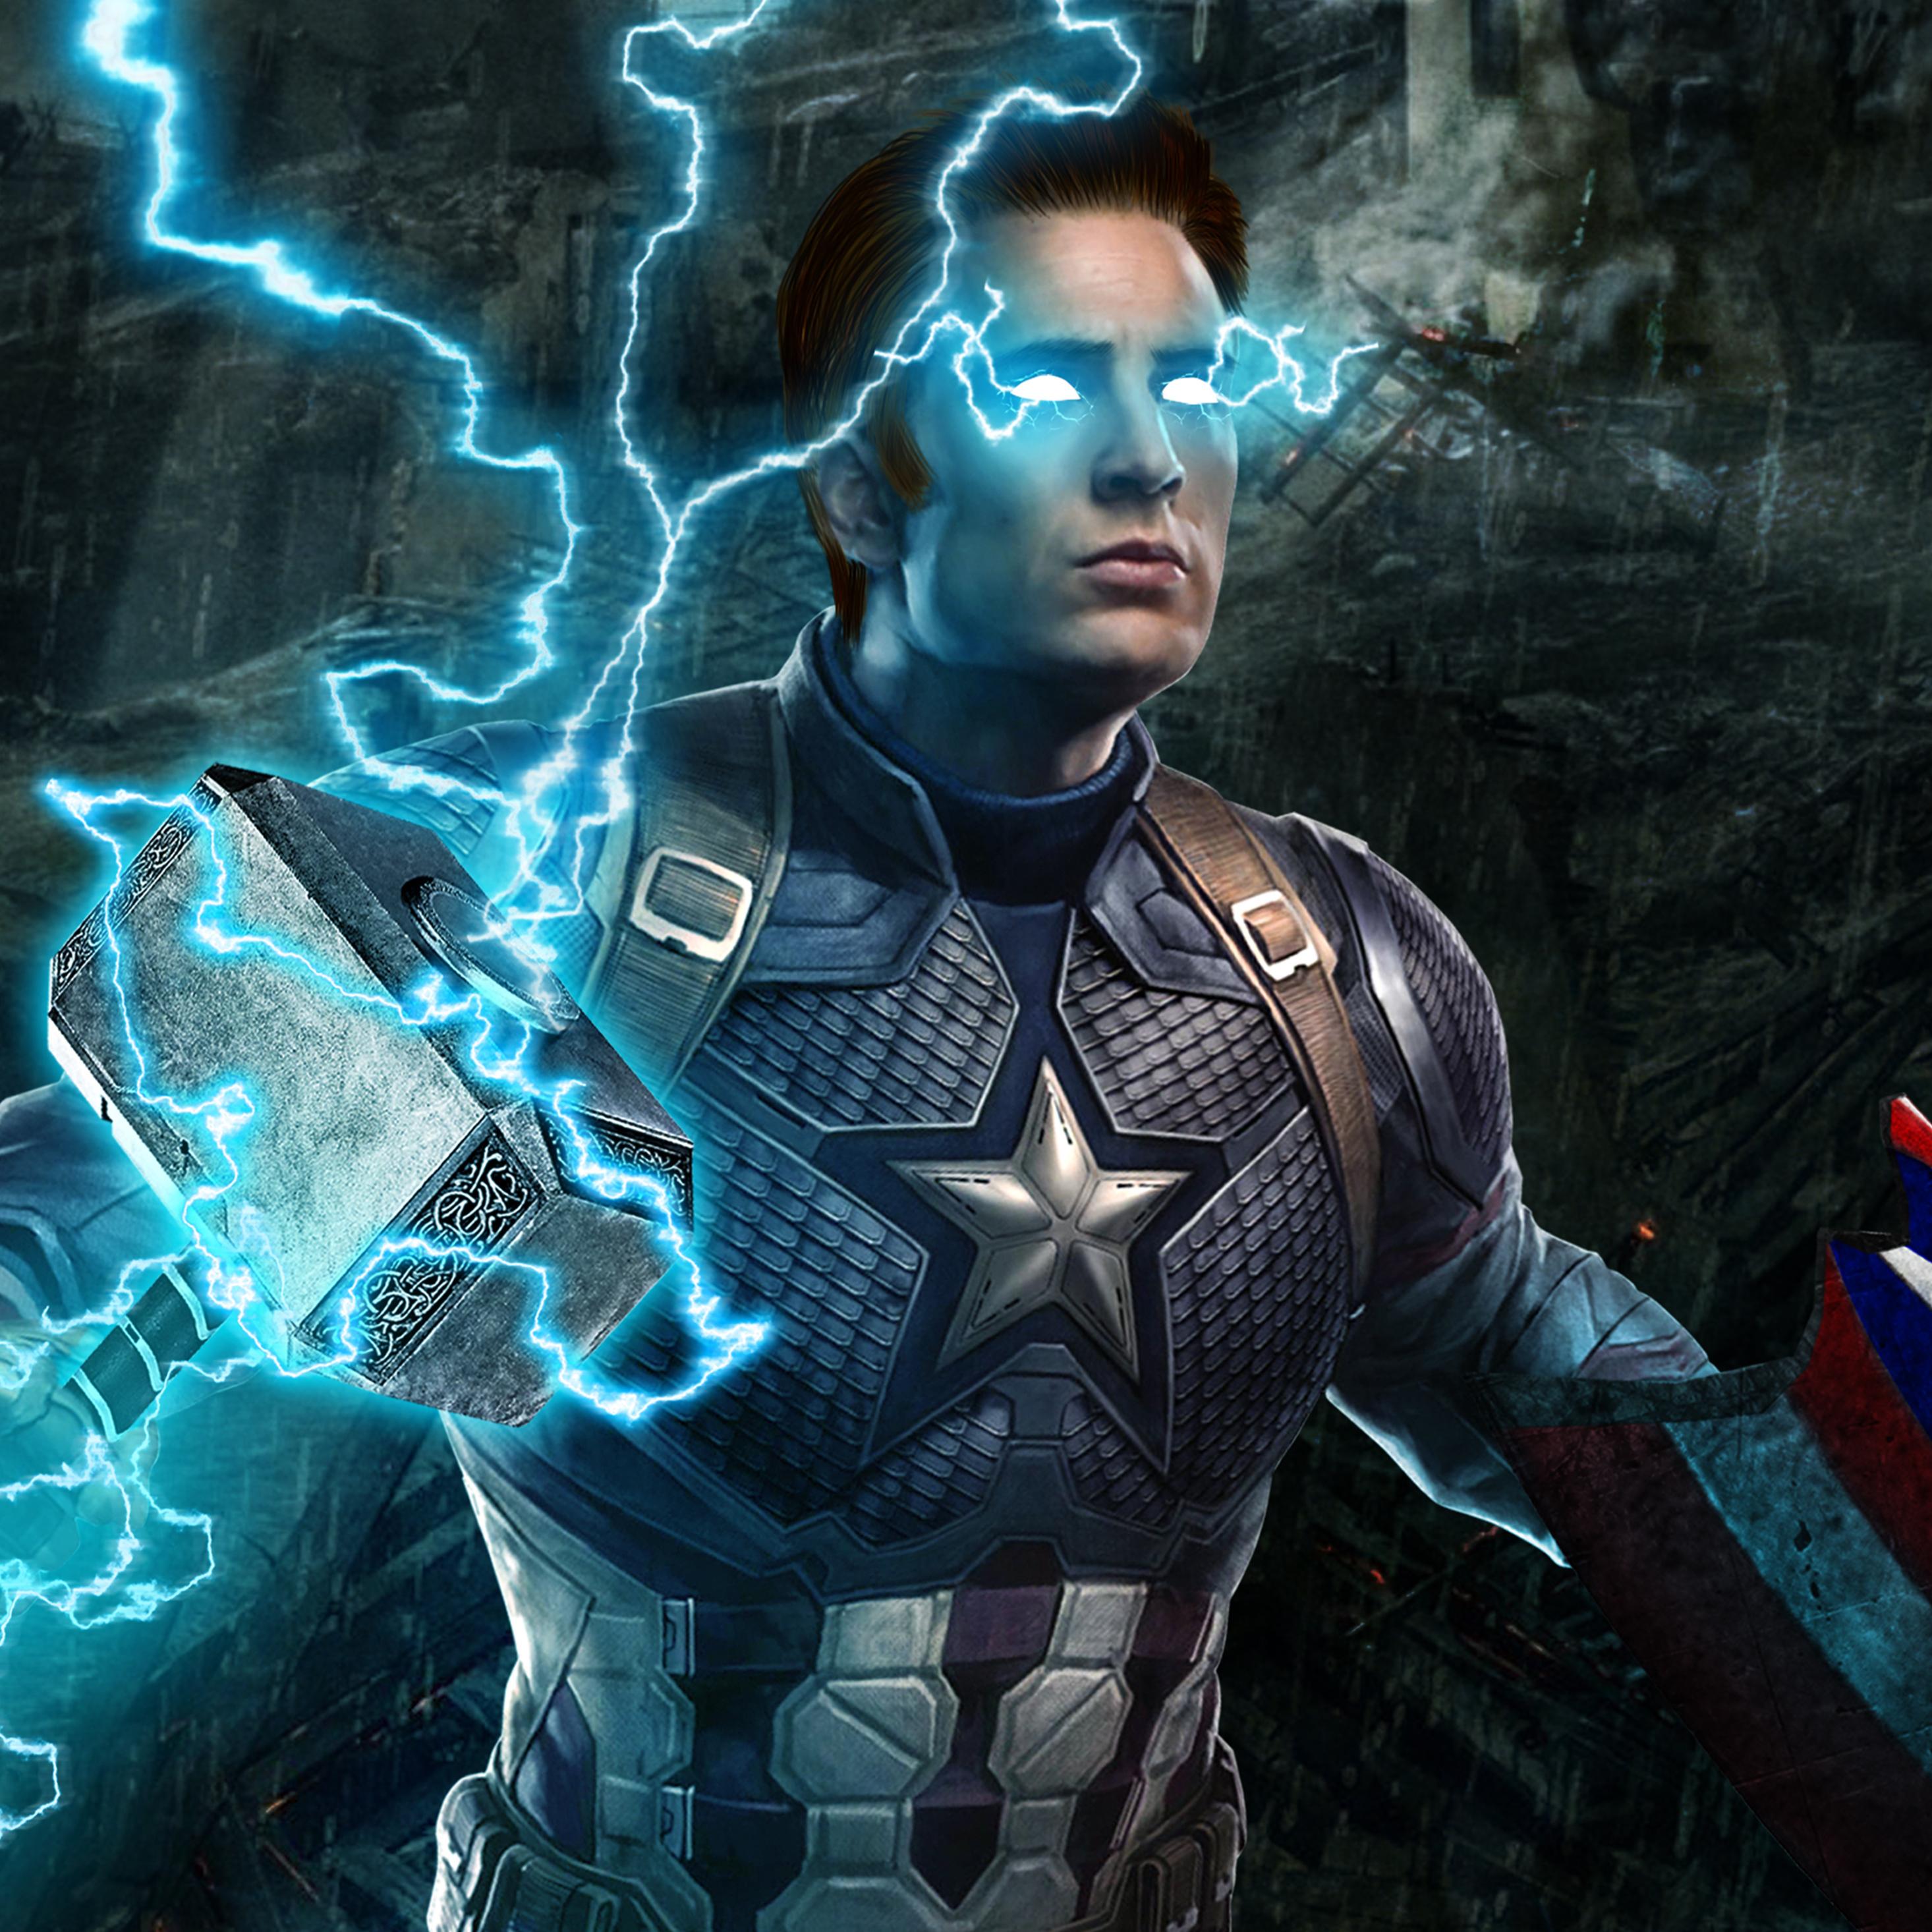 2932x2932 Captain America Mjolnir Avengers Endgame 4k Ipad